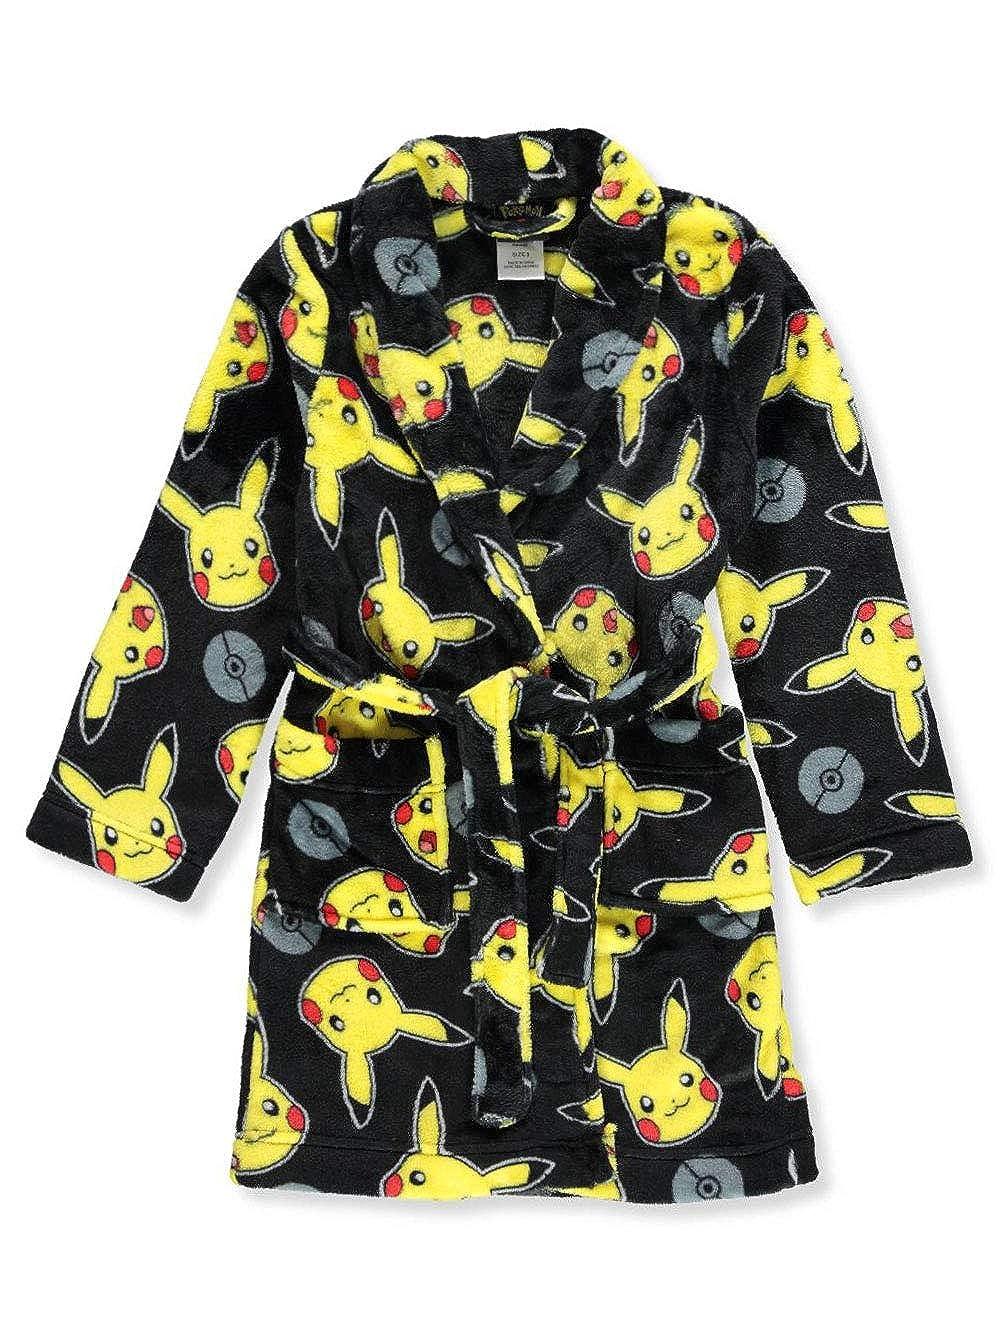 Pokemon Boys Robe 21PK115BRDDZ